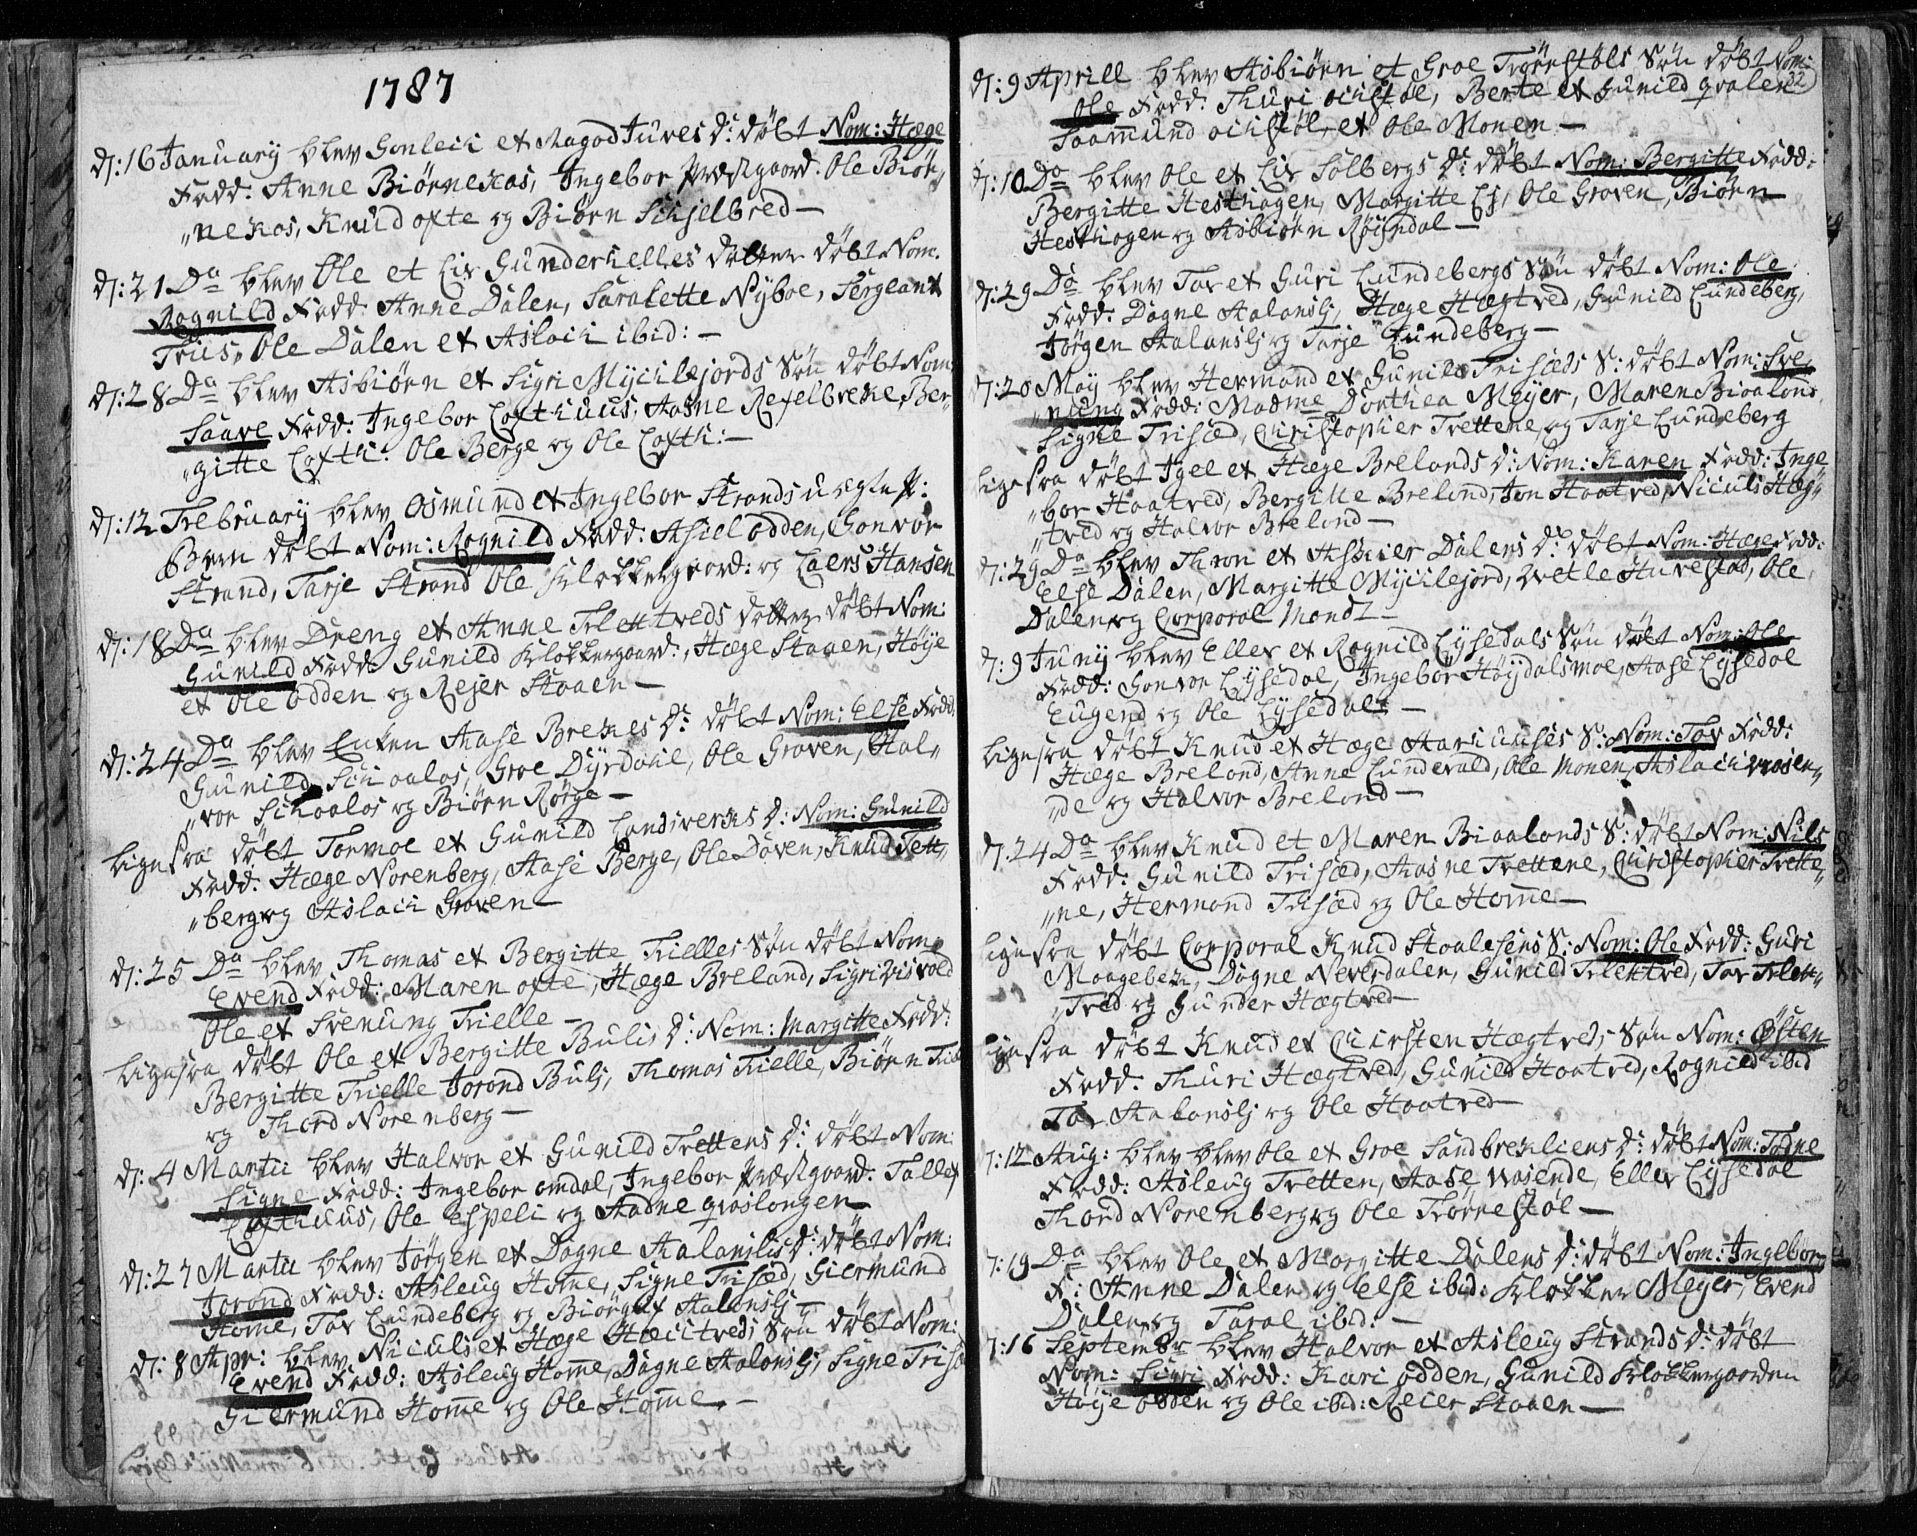 SAKO, Lårdal kirkebøker, F/Fa/L0003: Ministerialbok nr. I 3, 1754-1790, s. 32